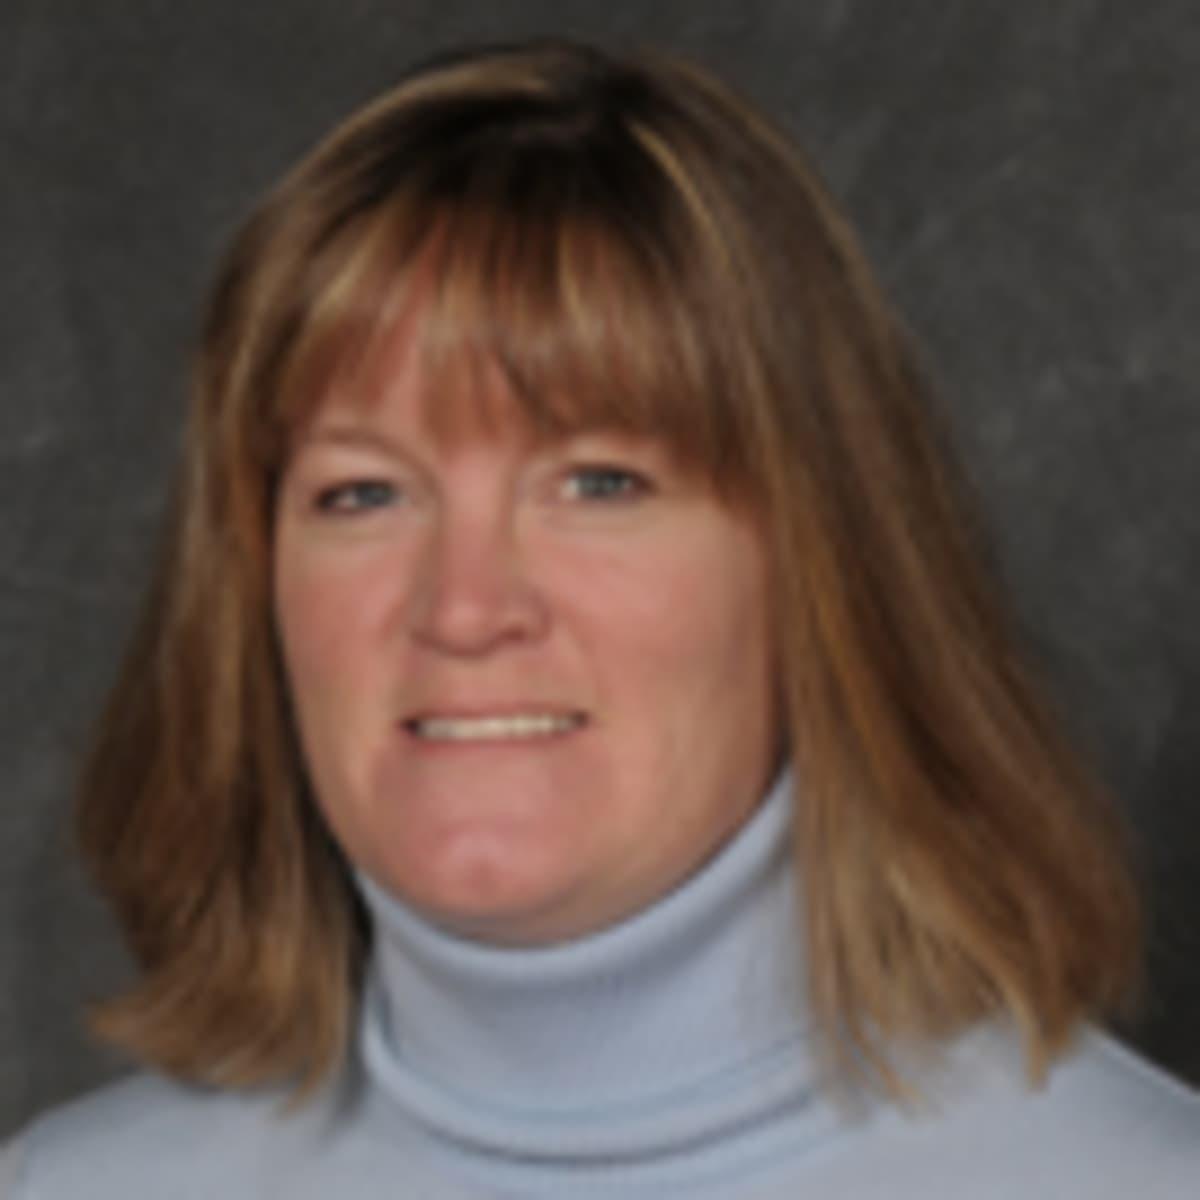 Credentials Dr Carolyn Milana Md Stony Brook Ny